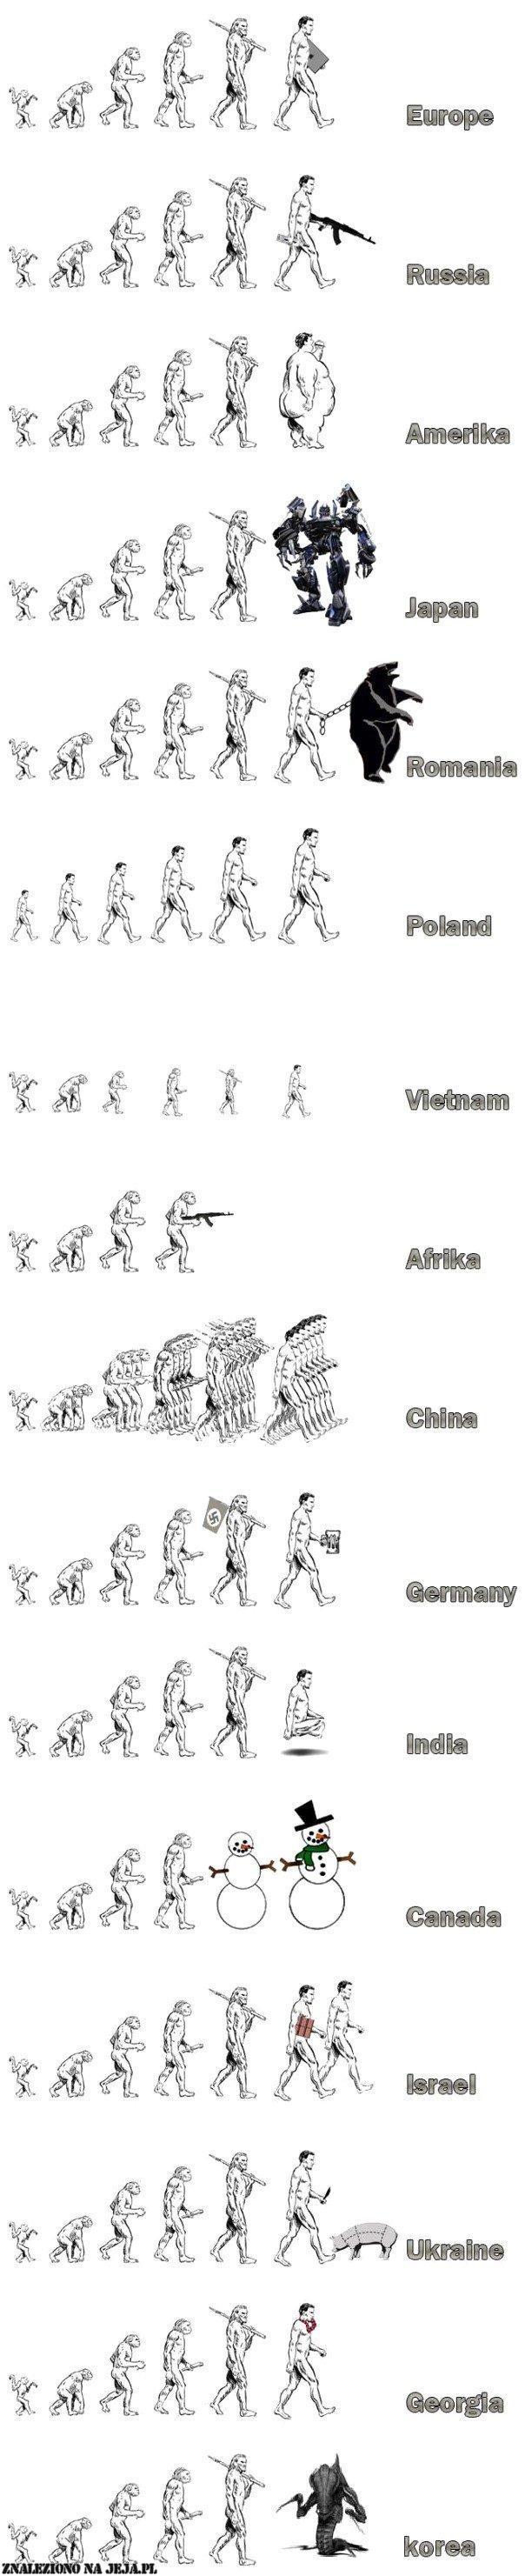 Ewolucja człowieka - wersja rozbudowana